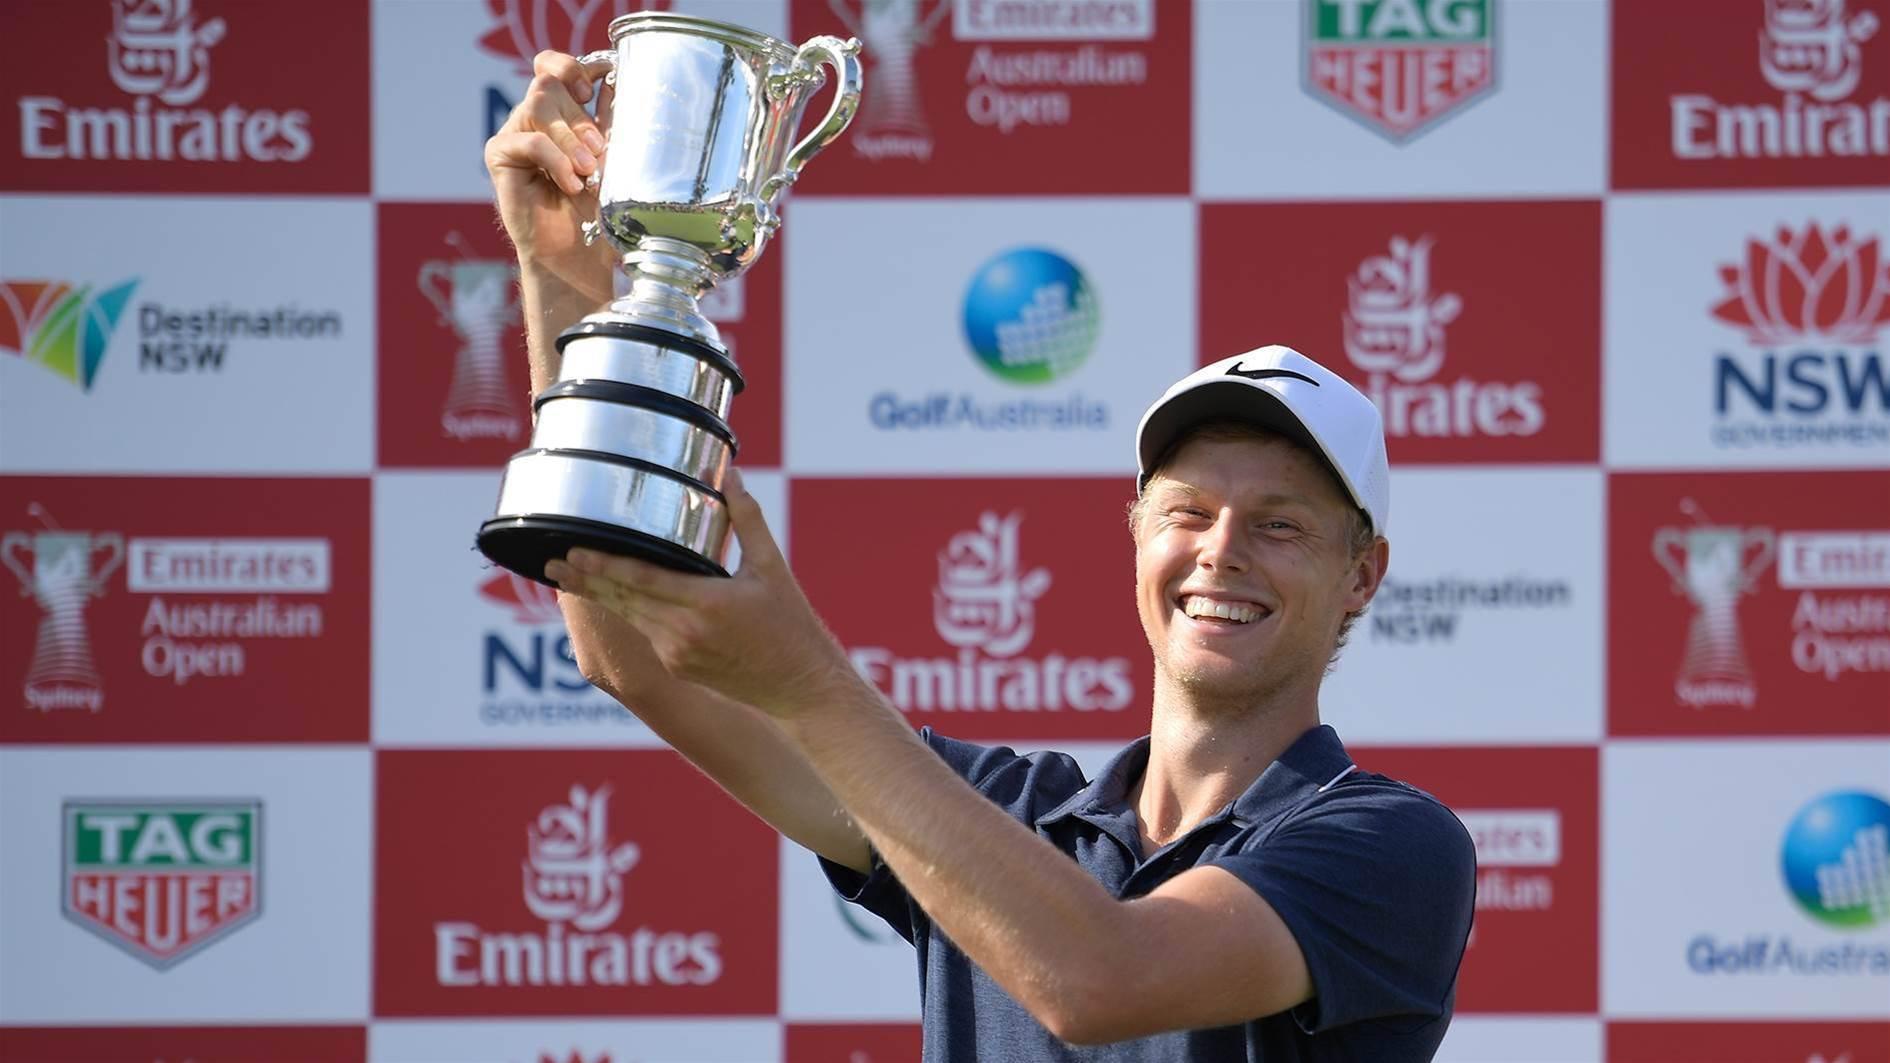 US PGA Tour rules out Aussie Open co-sanction deal